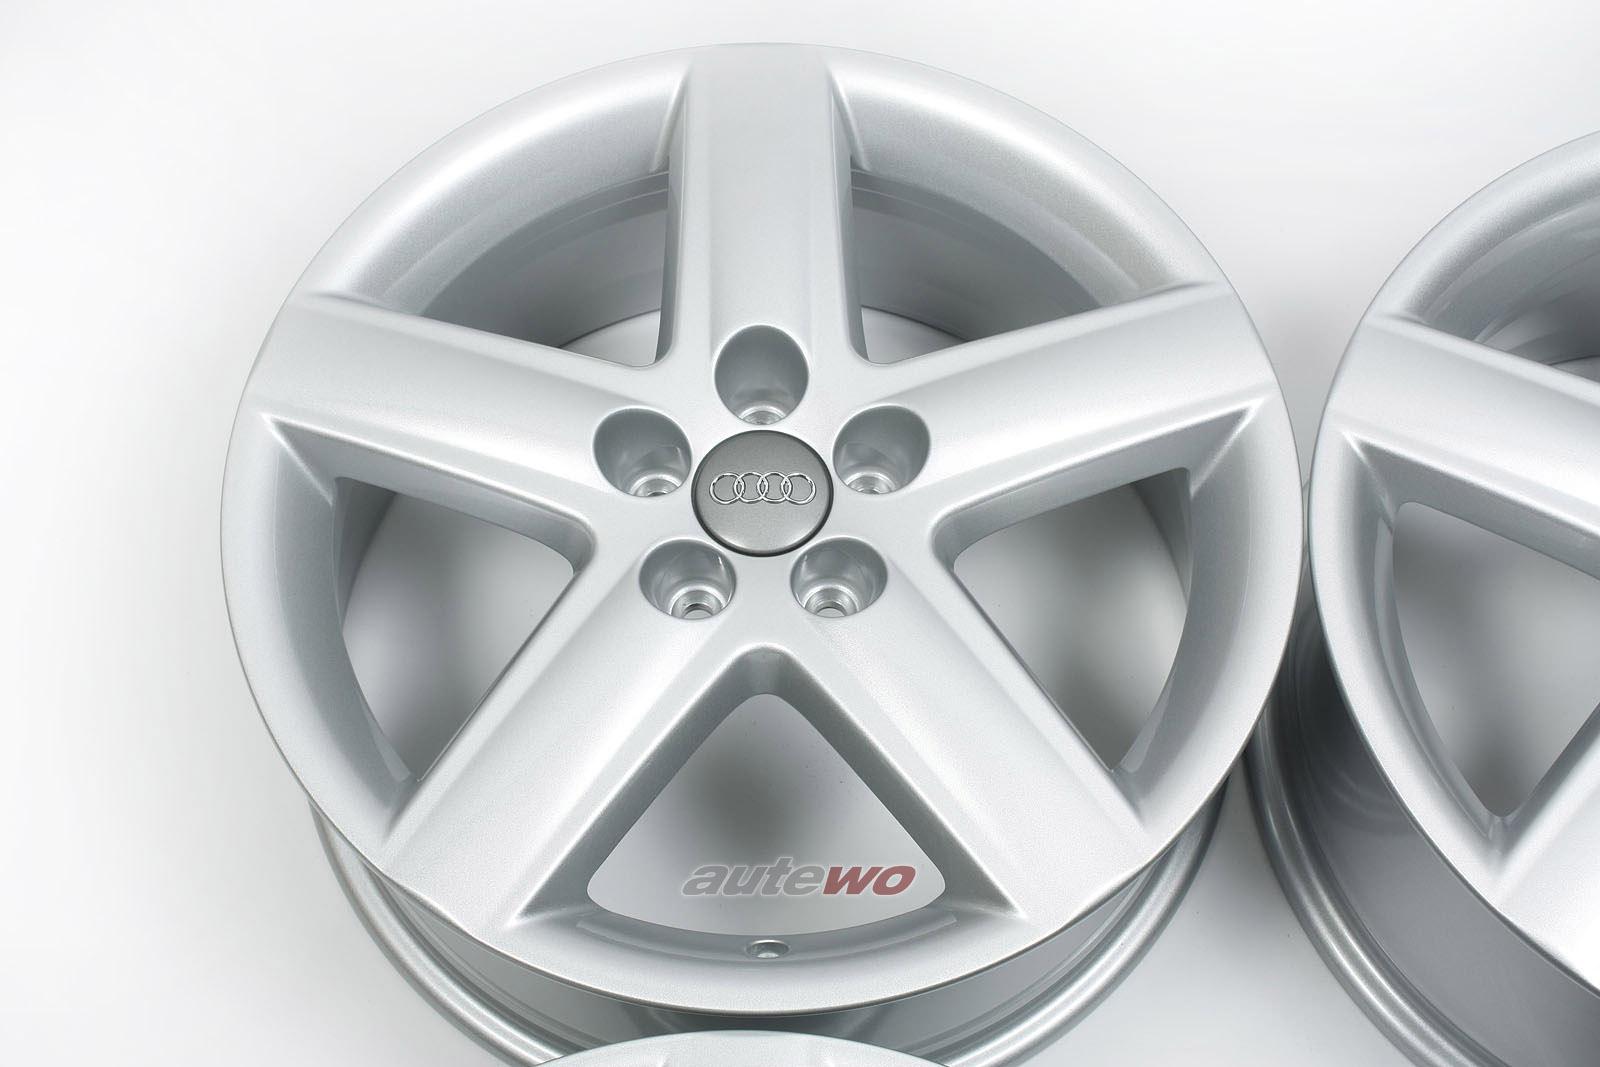 8L0601025AD NEU Audi A3 8L Original Felgen 5-Speichen 7 x 17 ET42 5x100